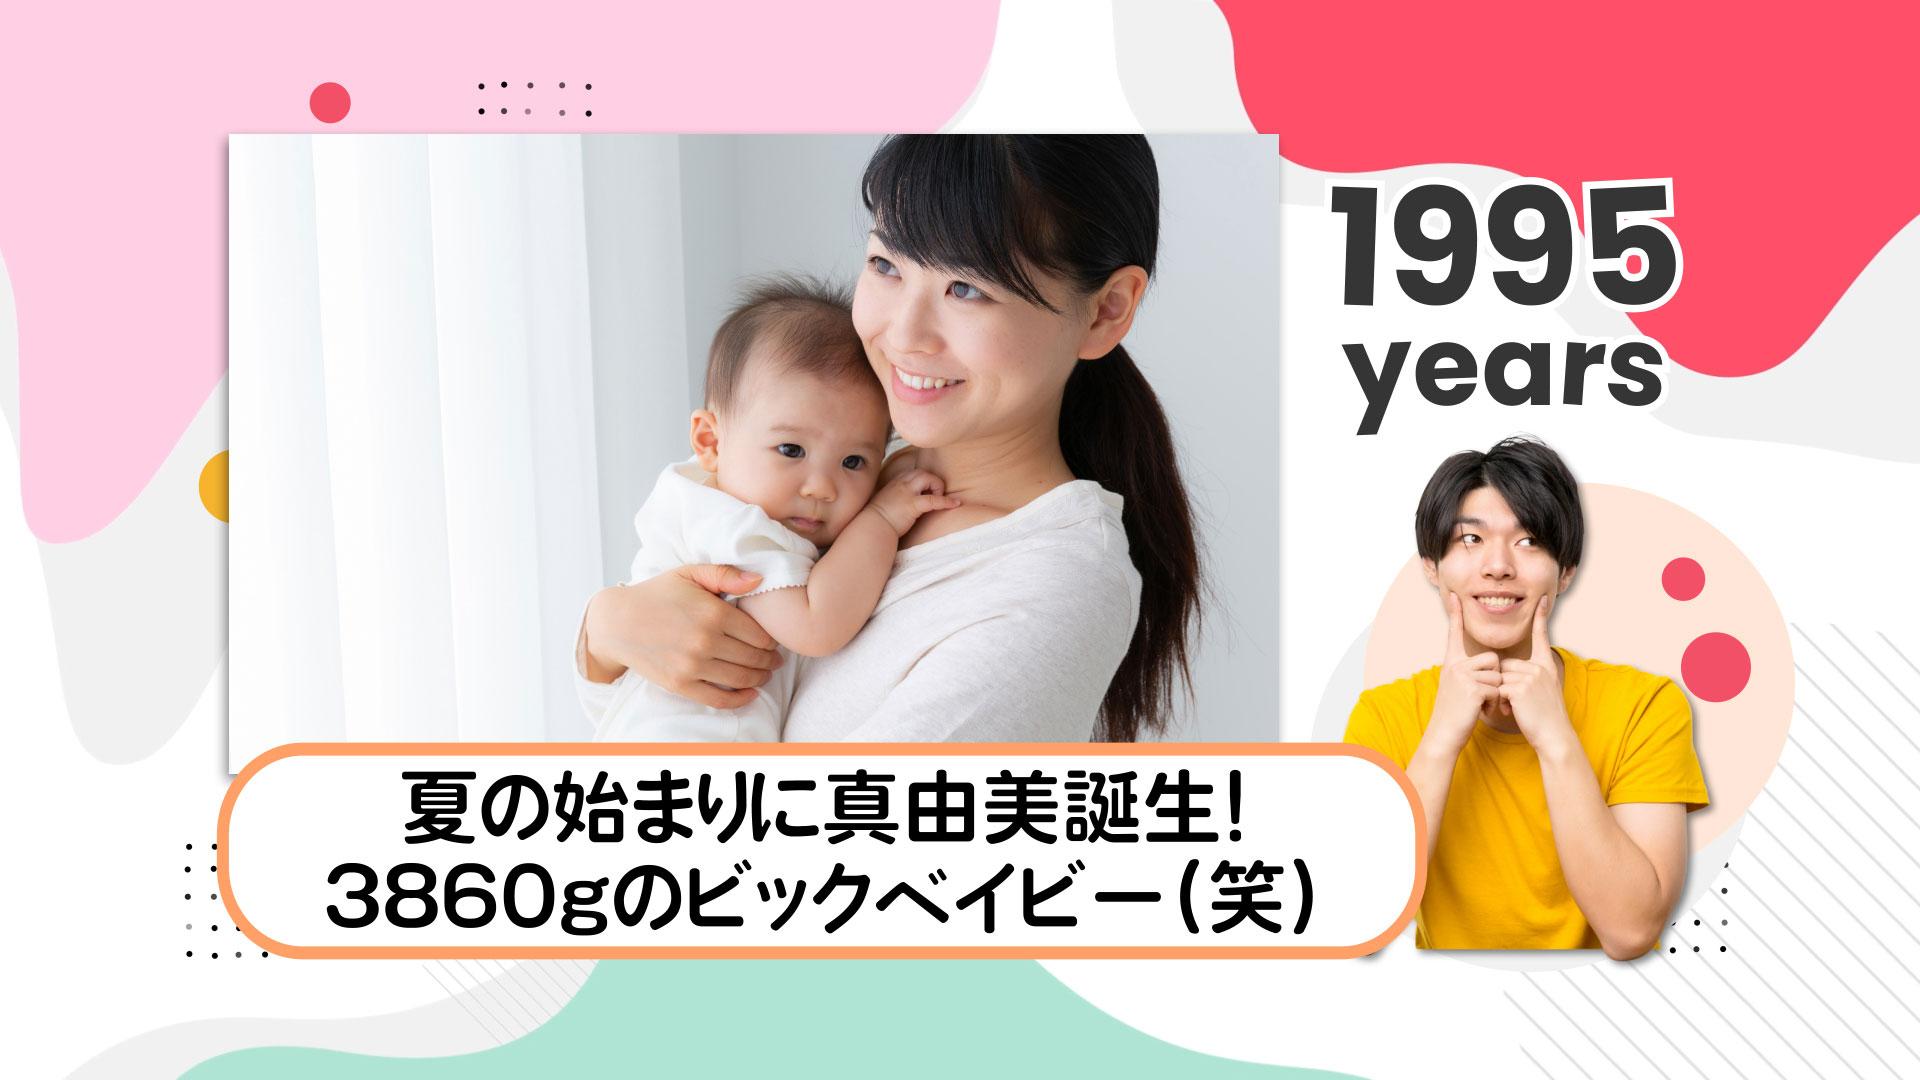 新婦生い立ち(10シーン)